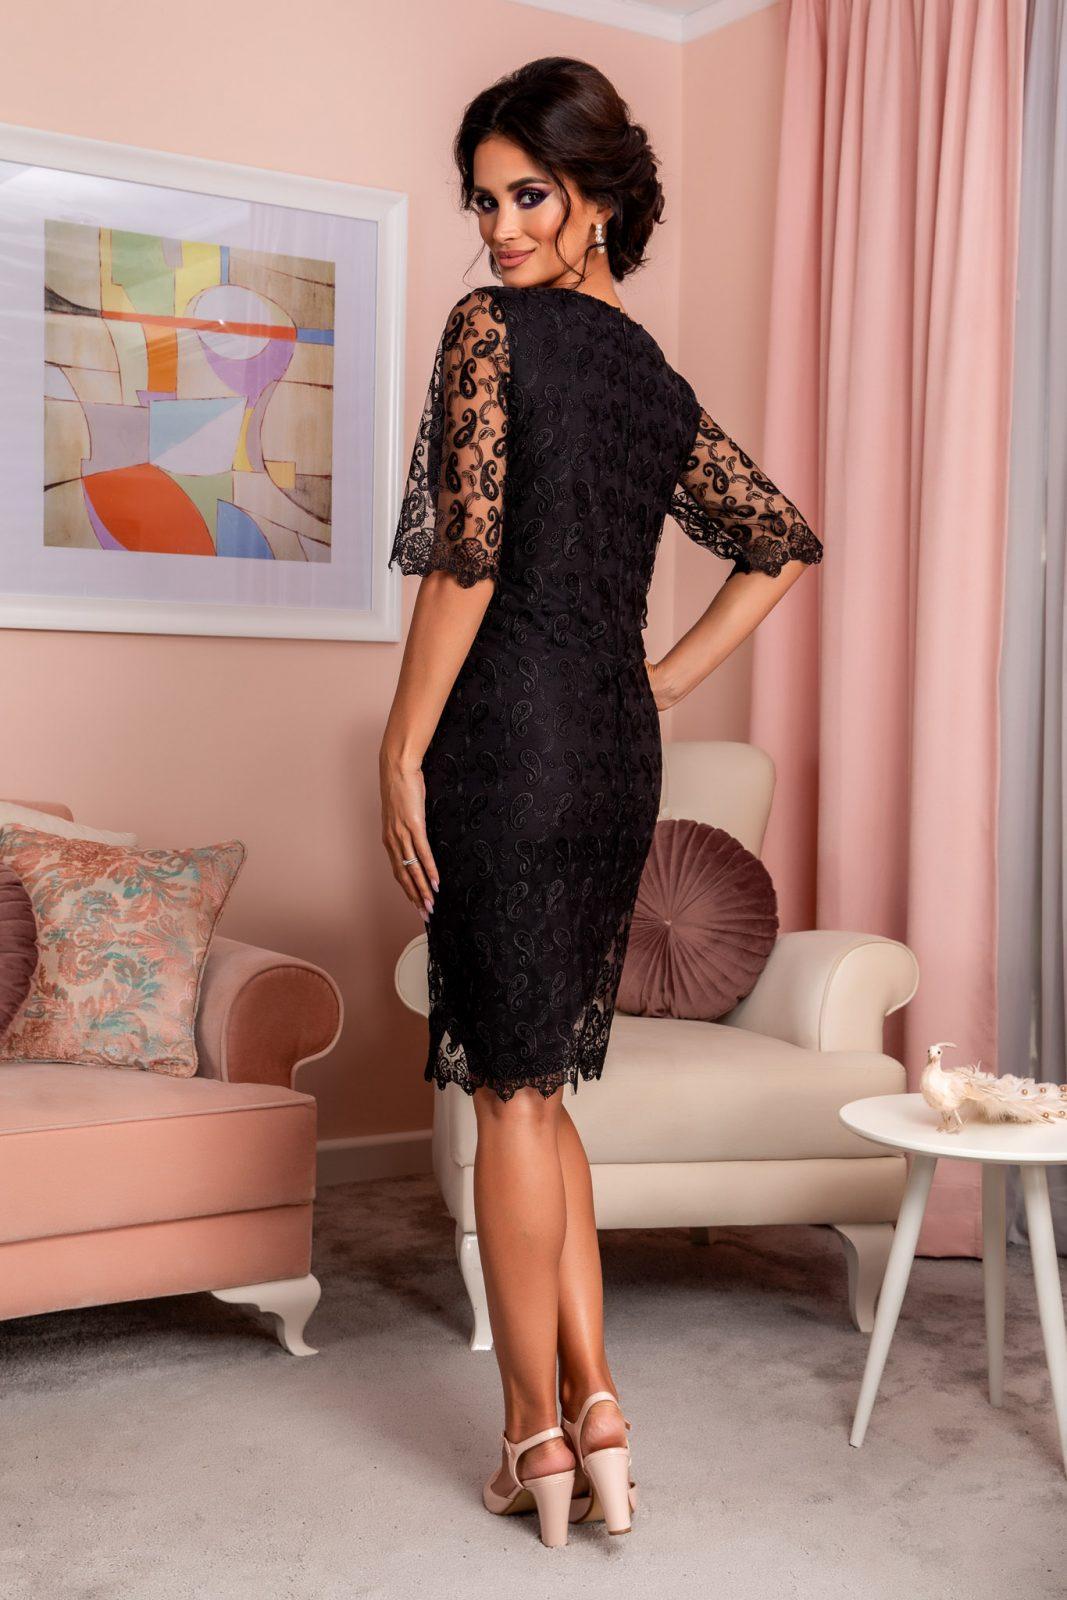 Μαύρο Βραδινό Φόρεμα Από Δαντέλα Emilly 8253